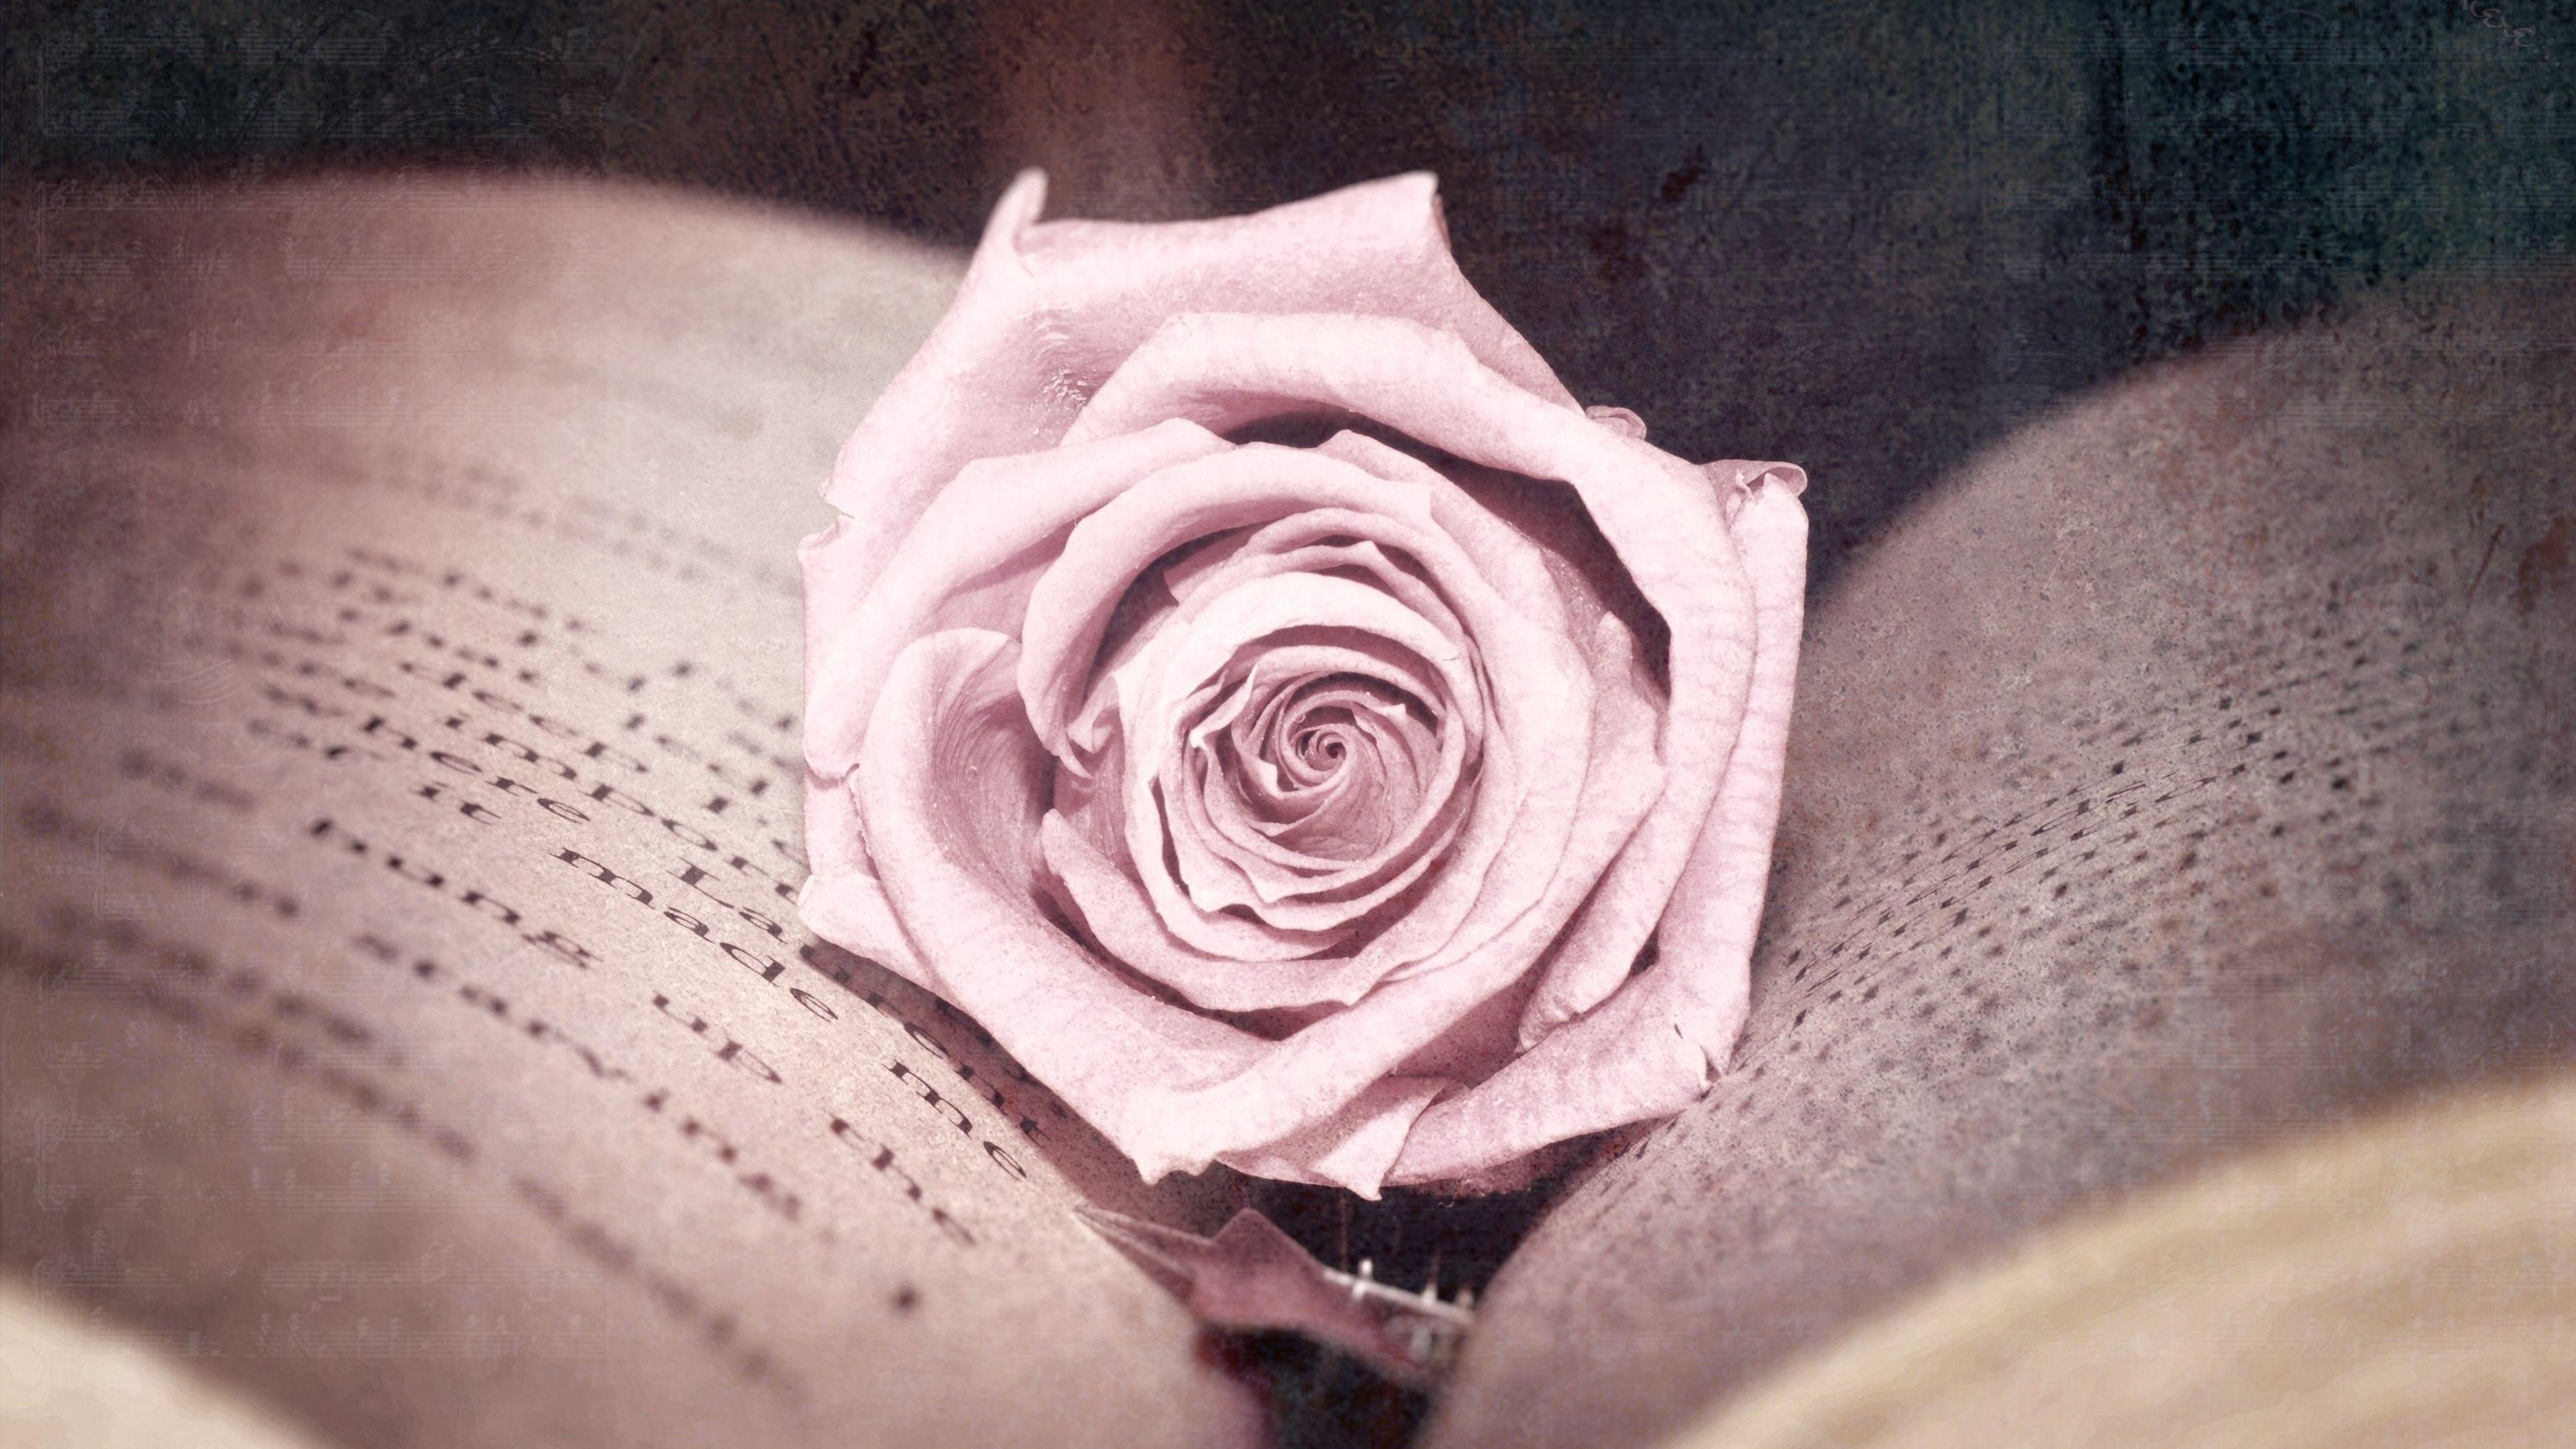 rose bud book close up 4k 1540064293 - rose, bud, book, close-up 4k - Rose, bud, Book